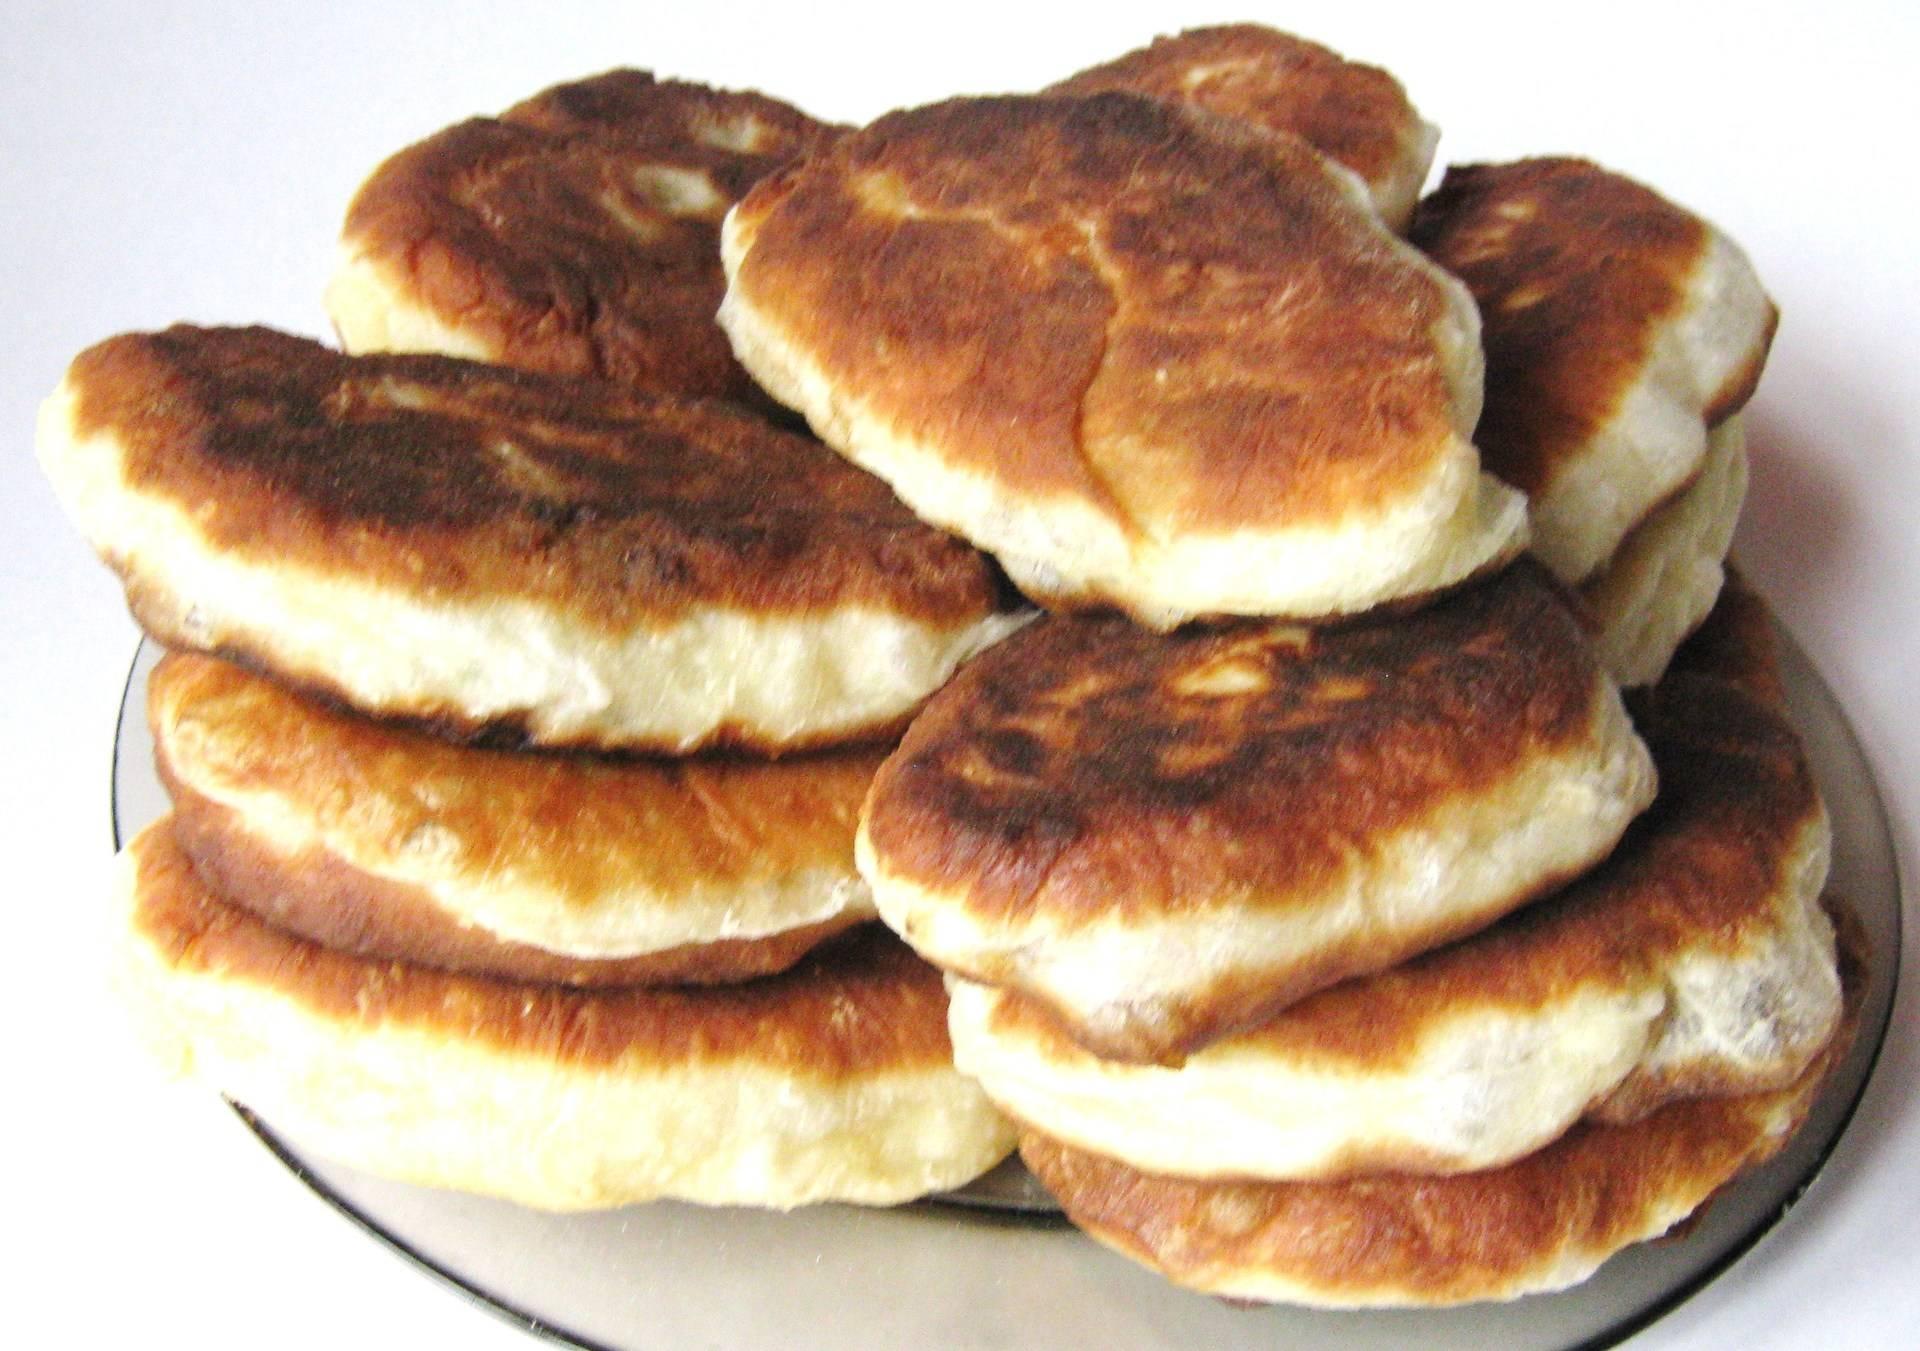 Пирожки с печенью - простые и невероятно вкусные рецепты домашней выпечки